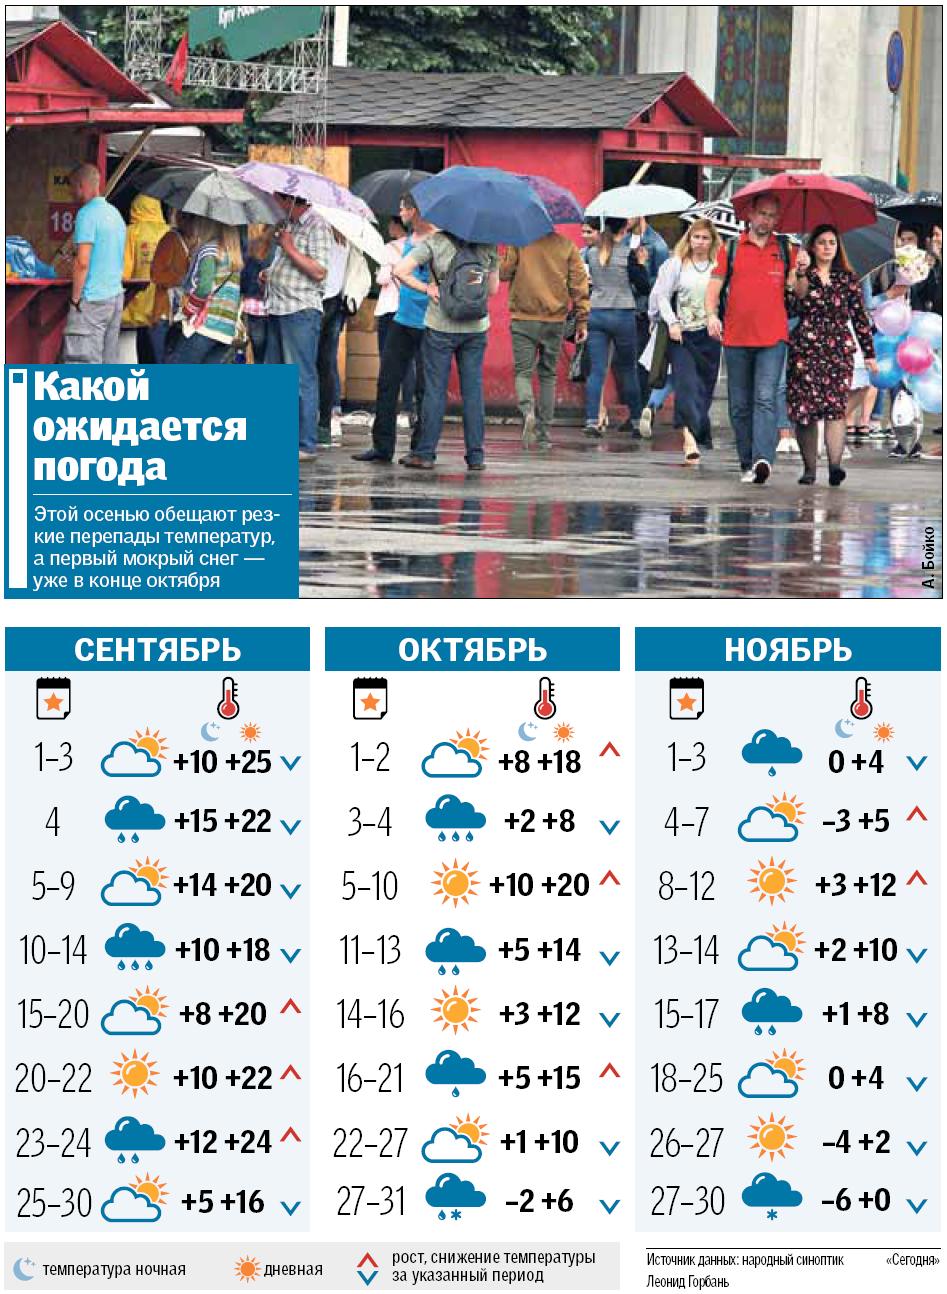 Прогноз погоды на лето 2019 года в России | северо-запад, центральная часть, какая будет в 2019 году